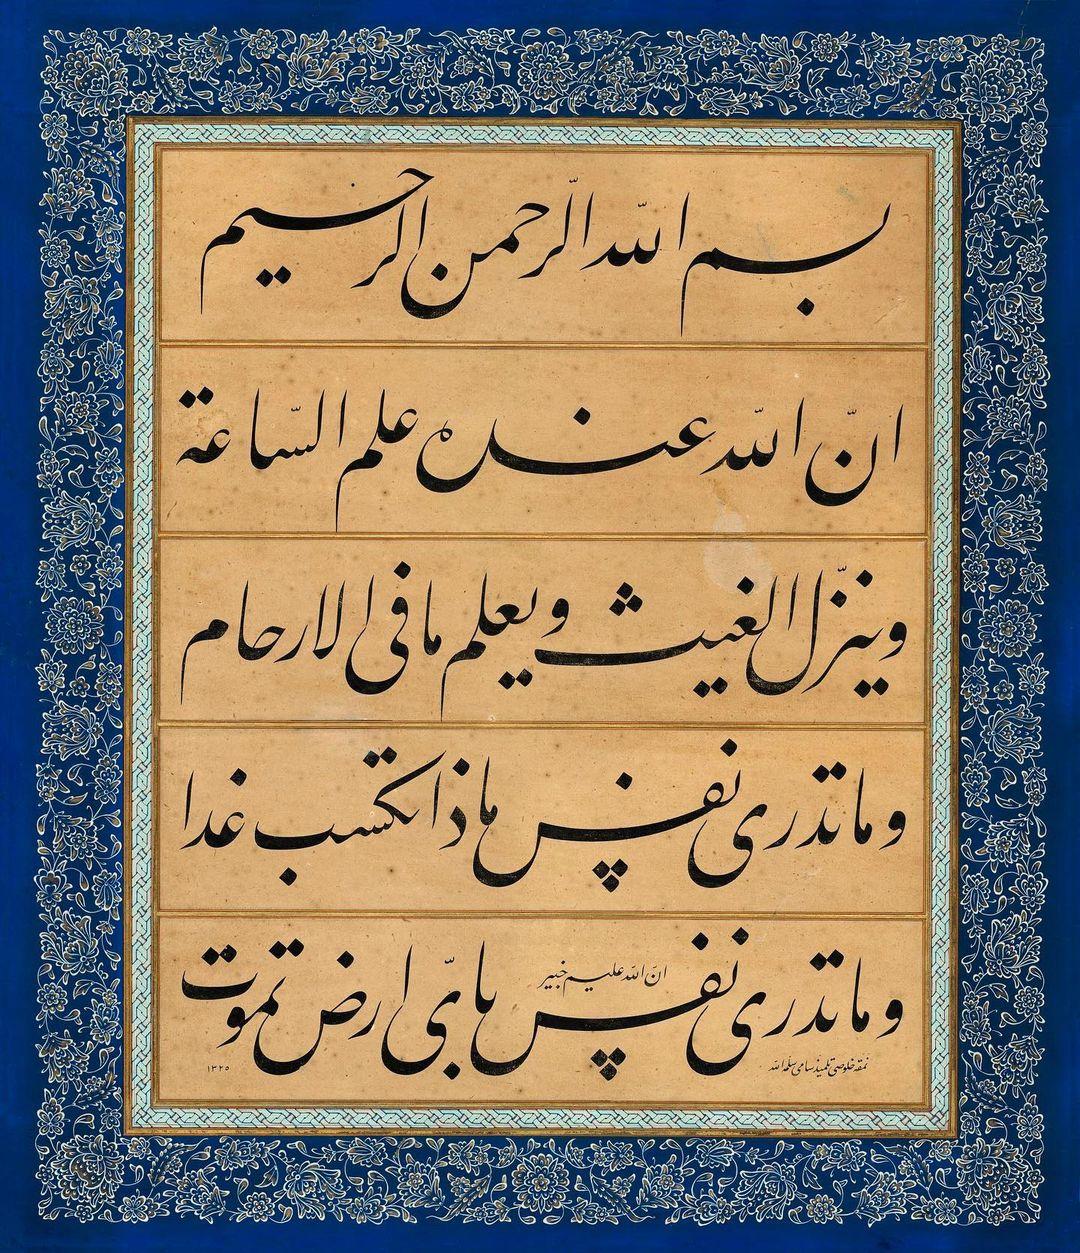 Apk Website For Arabic Calligraphy Hulusi Yazgan (v. 1940) hattı ile Lokmân 34. Ayet بِسْمِ اللّٰهِ الرَّحْمٰنِ ال… 1128